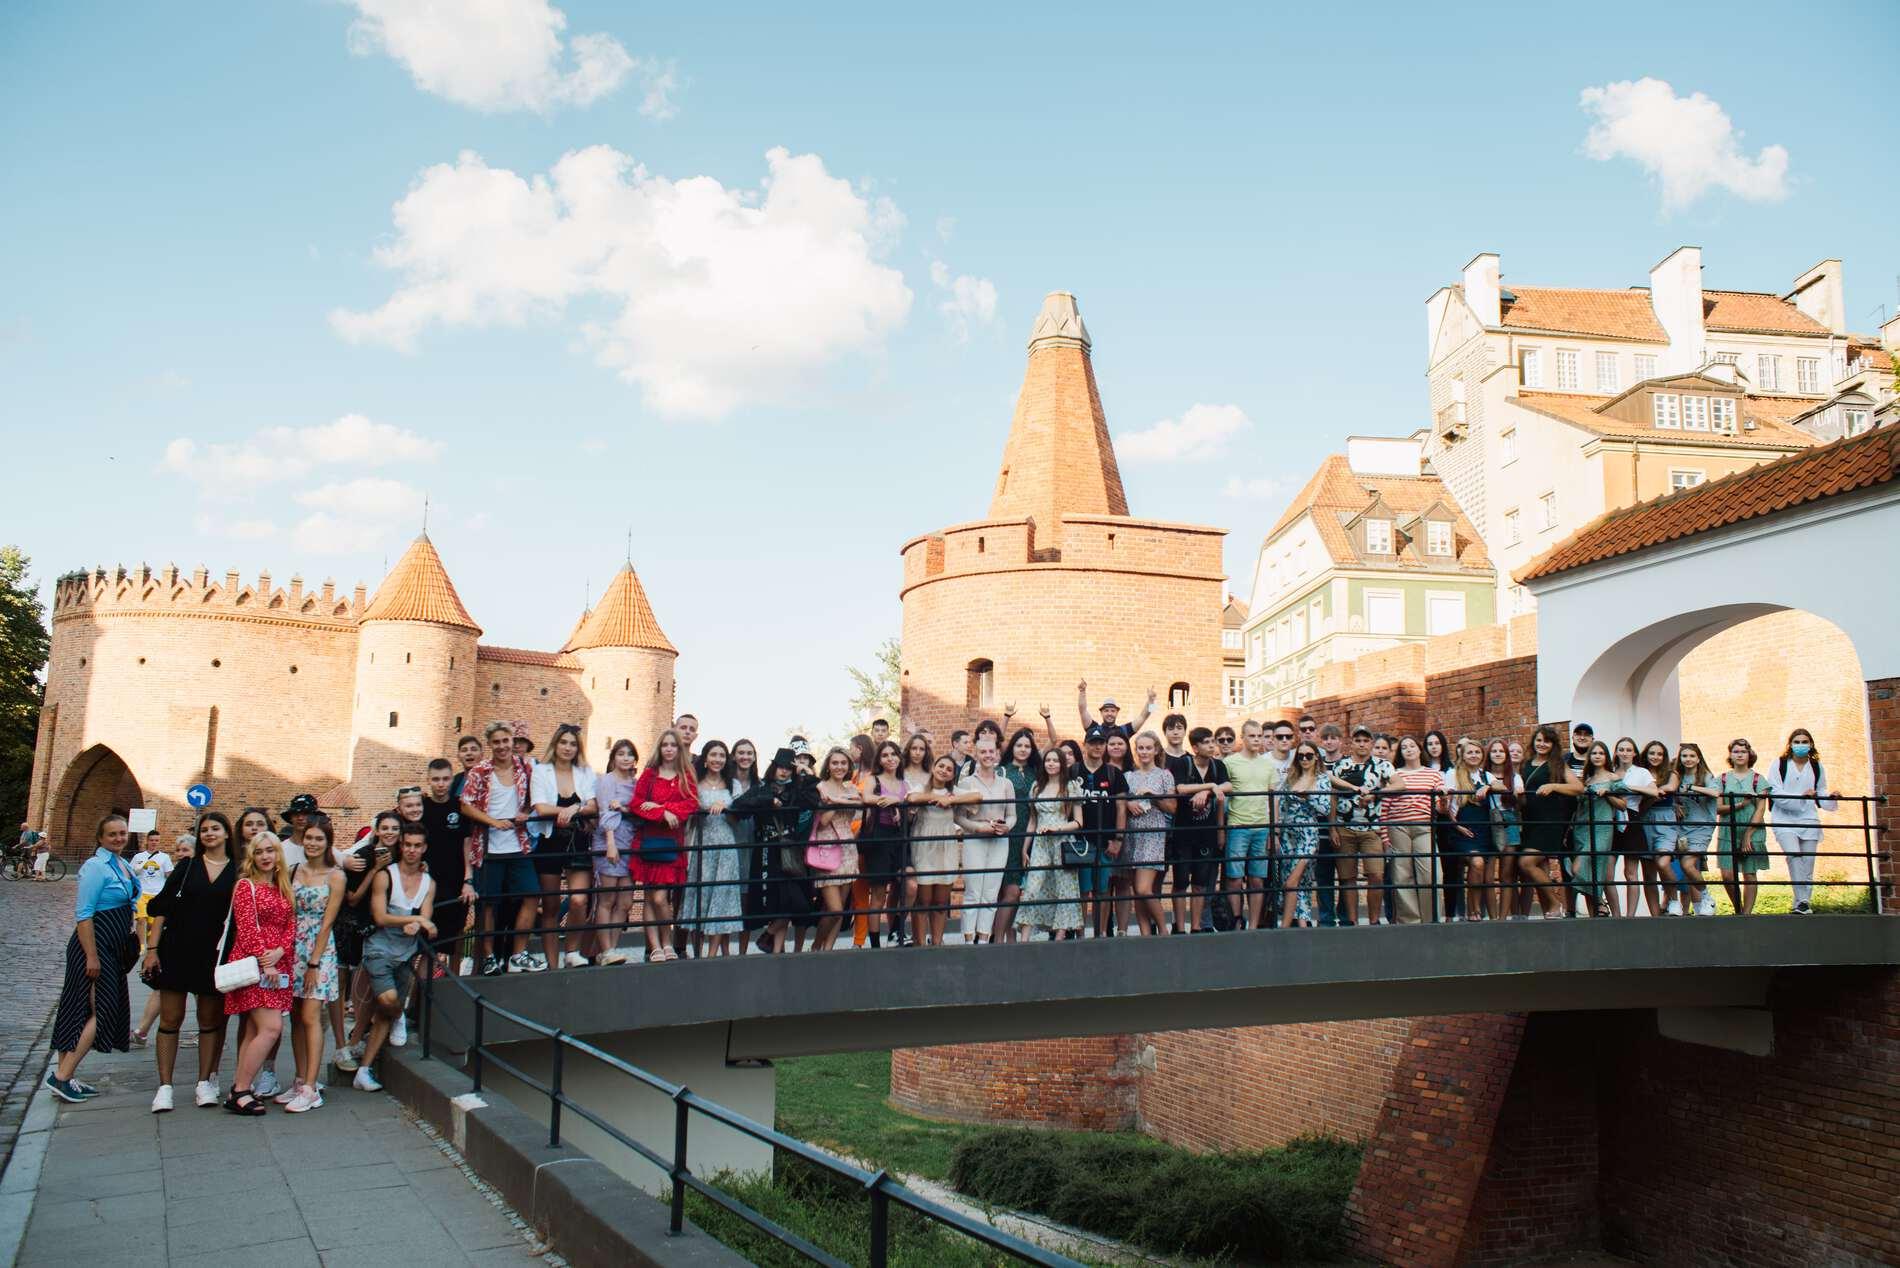 Літній табір у Варшаві: як пройшов перший тиждень навчання - UniverPL